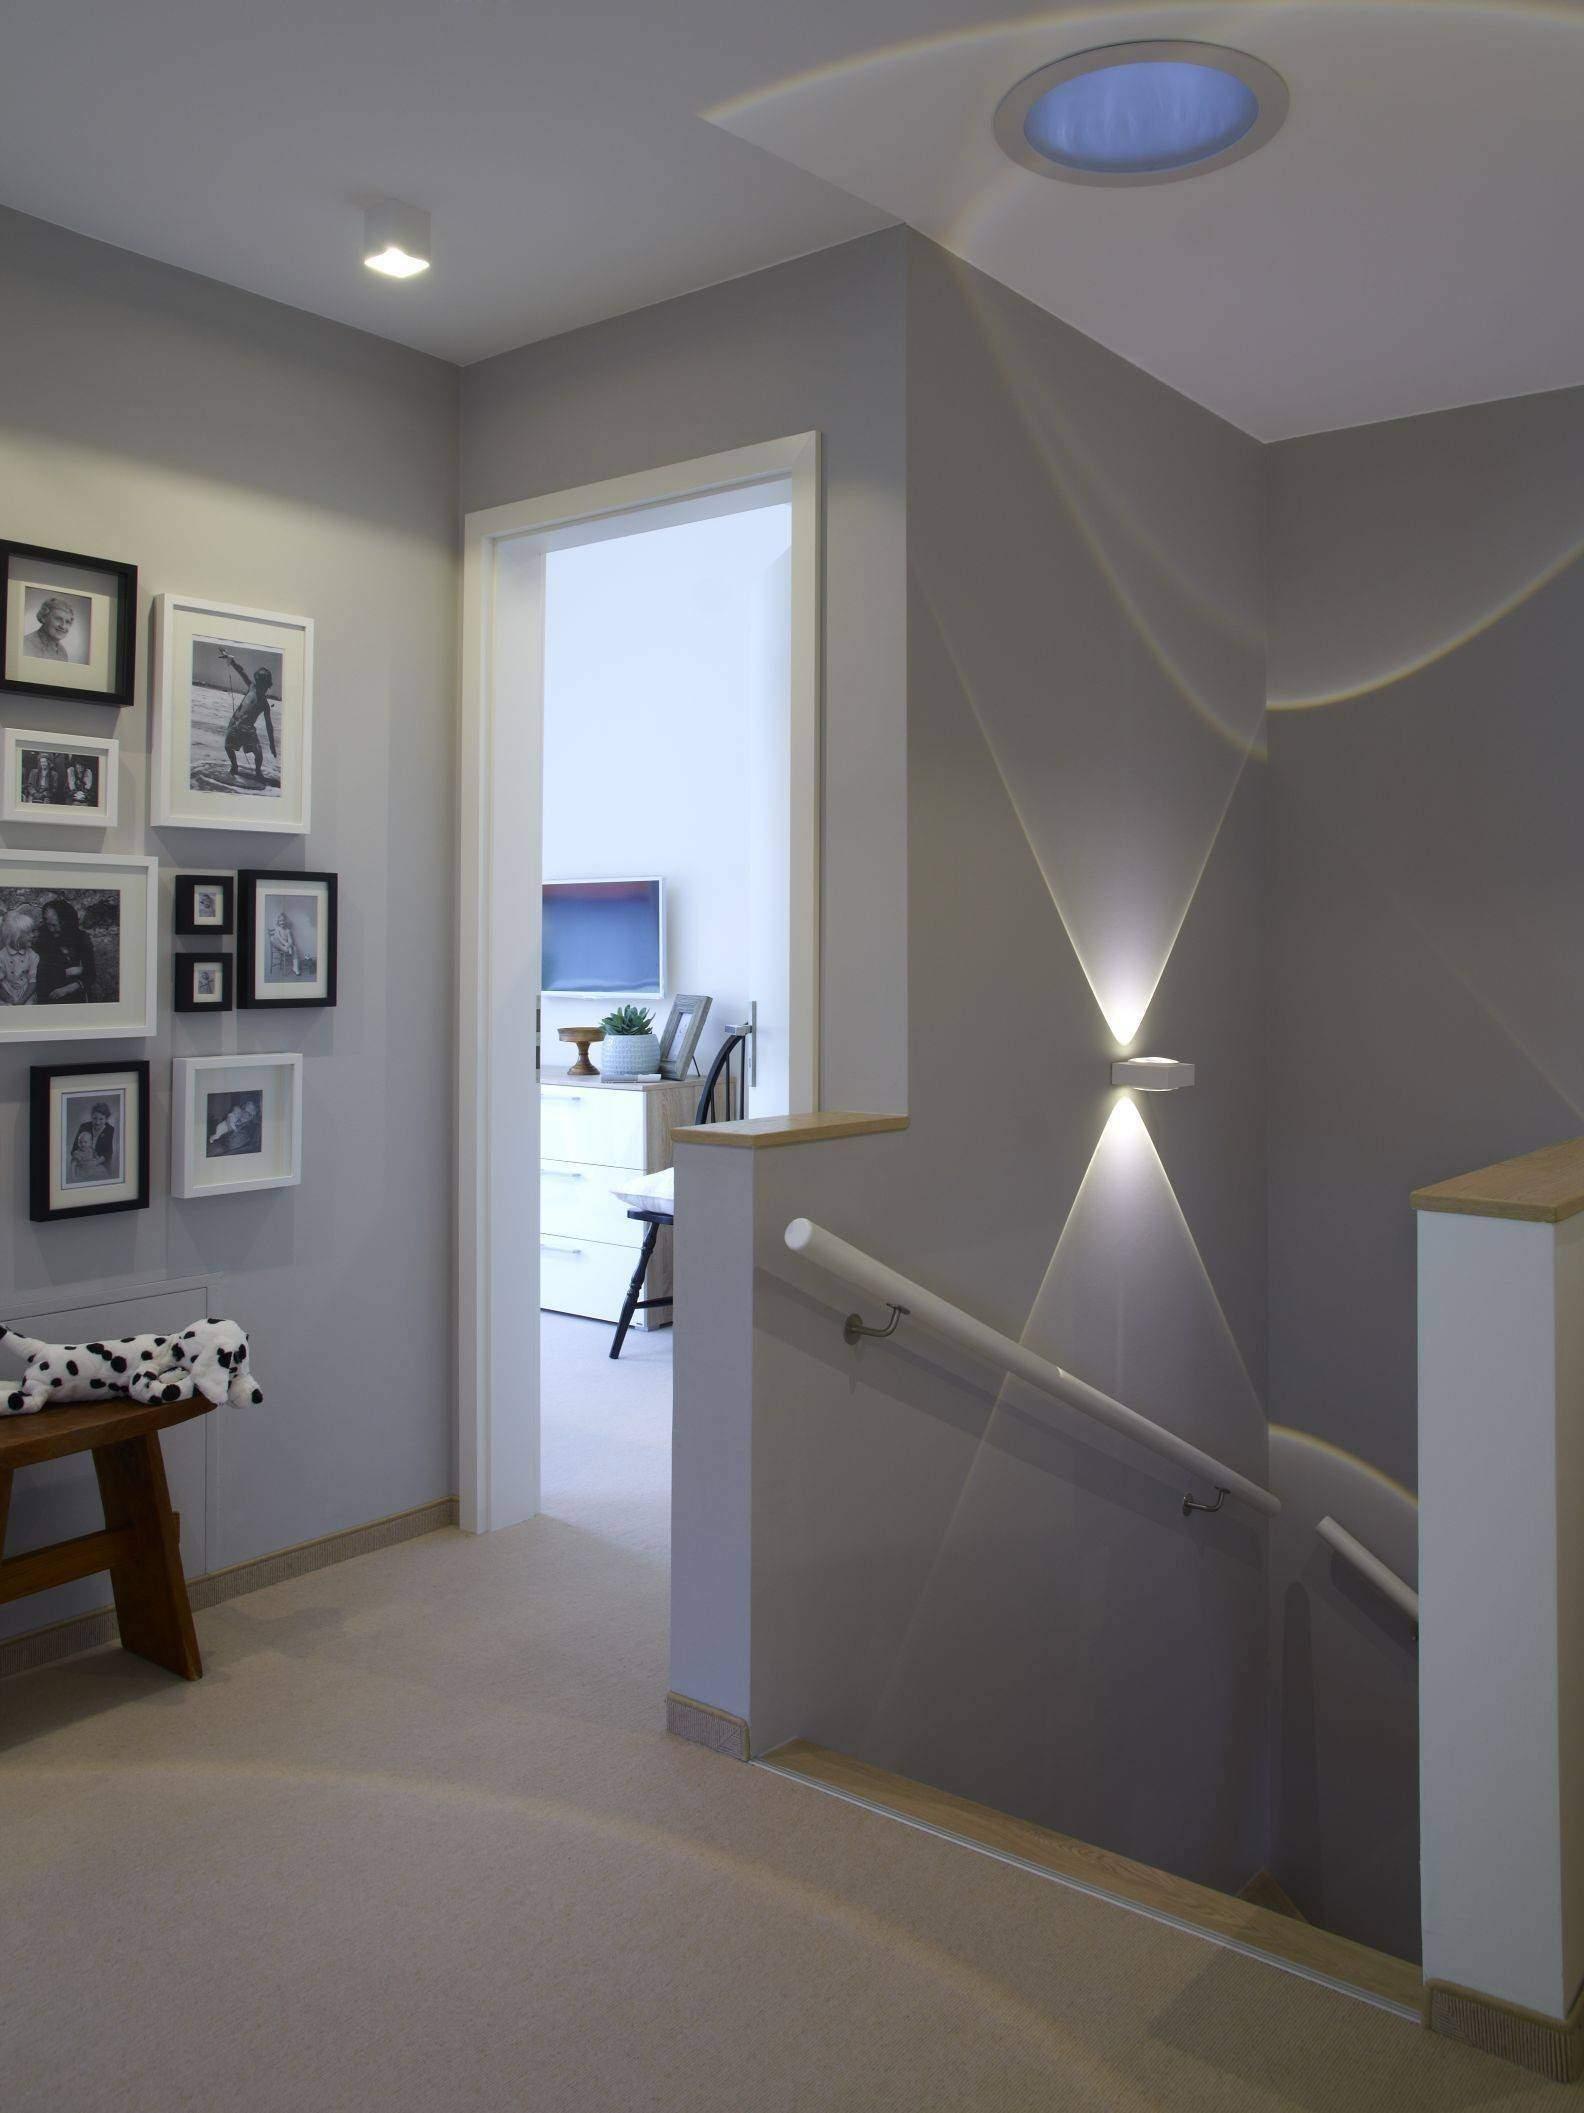 wohnzimmer decken gestalten neu 38 das beste von wohnzimmer decke gestalten inspirierend of wohnzimmer decken gestalten